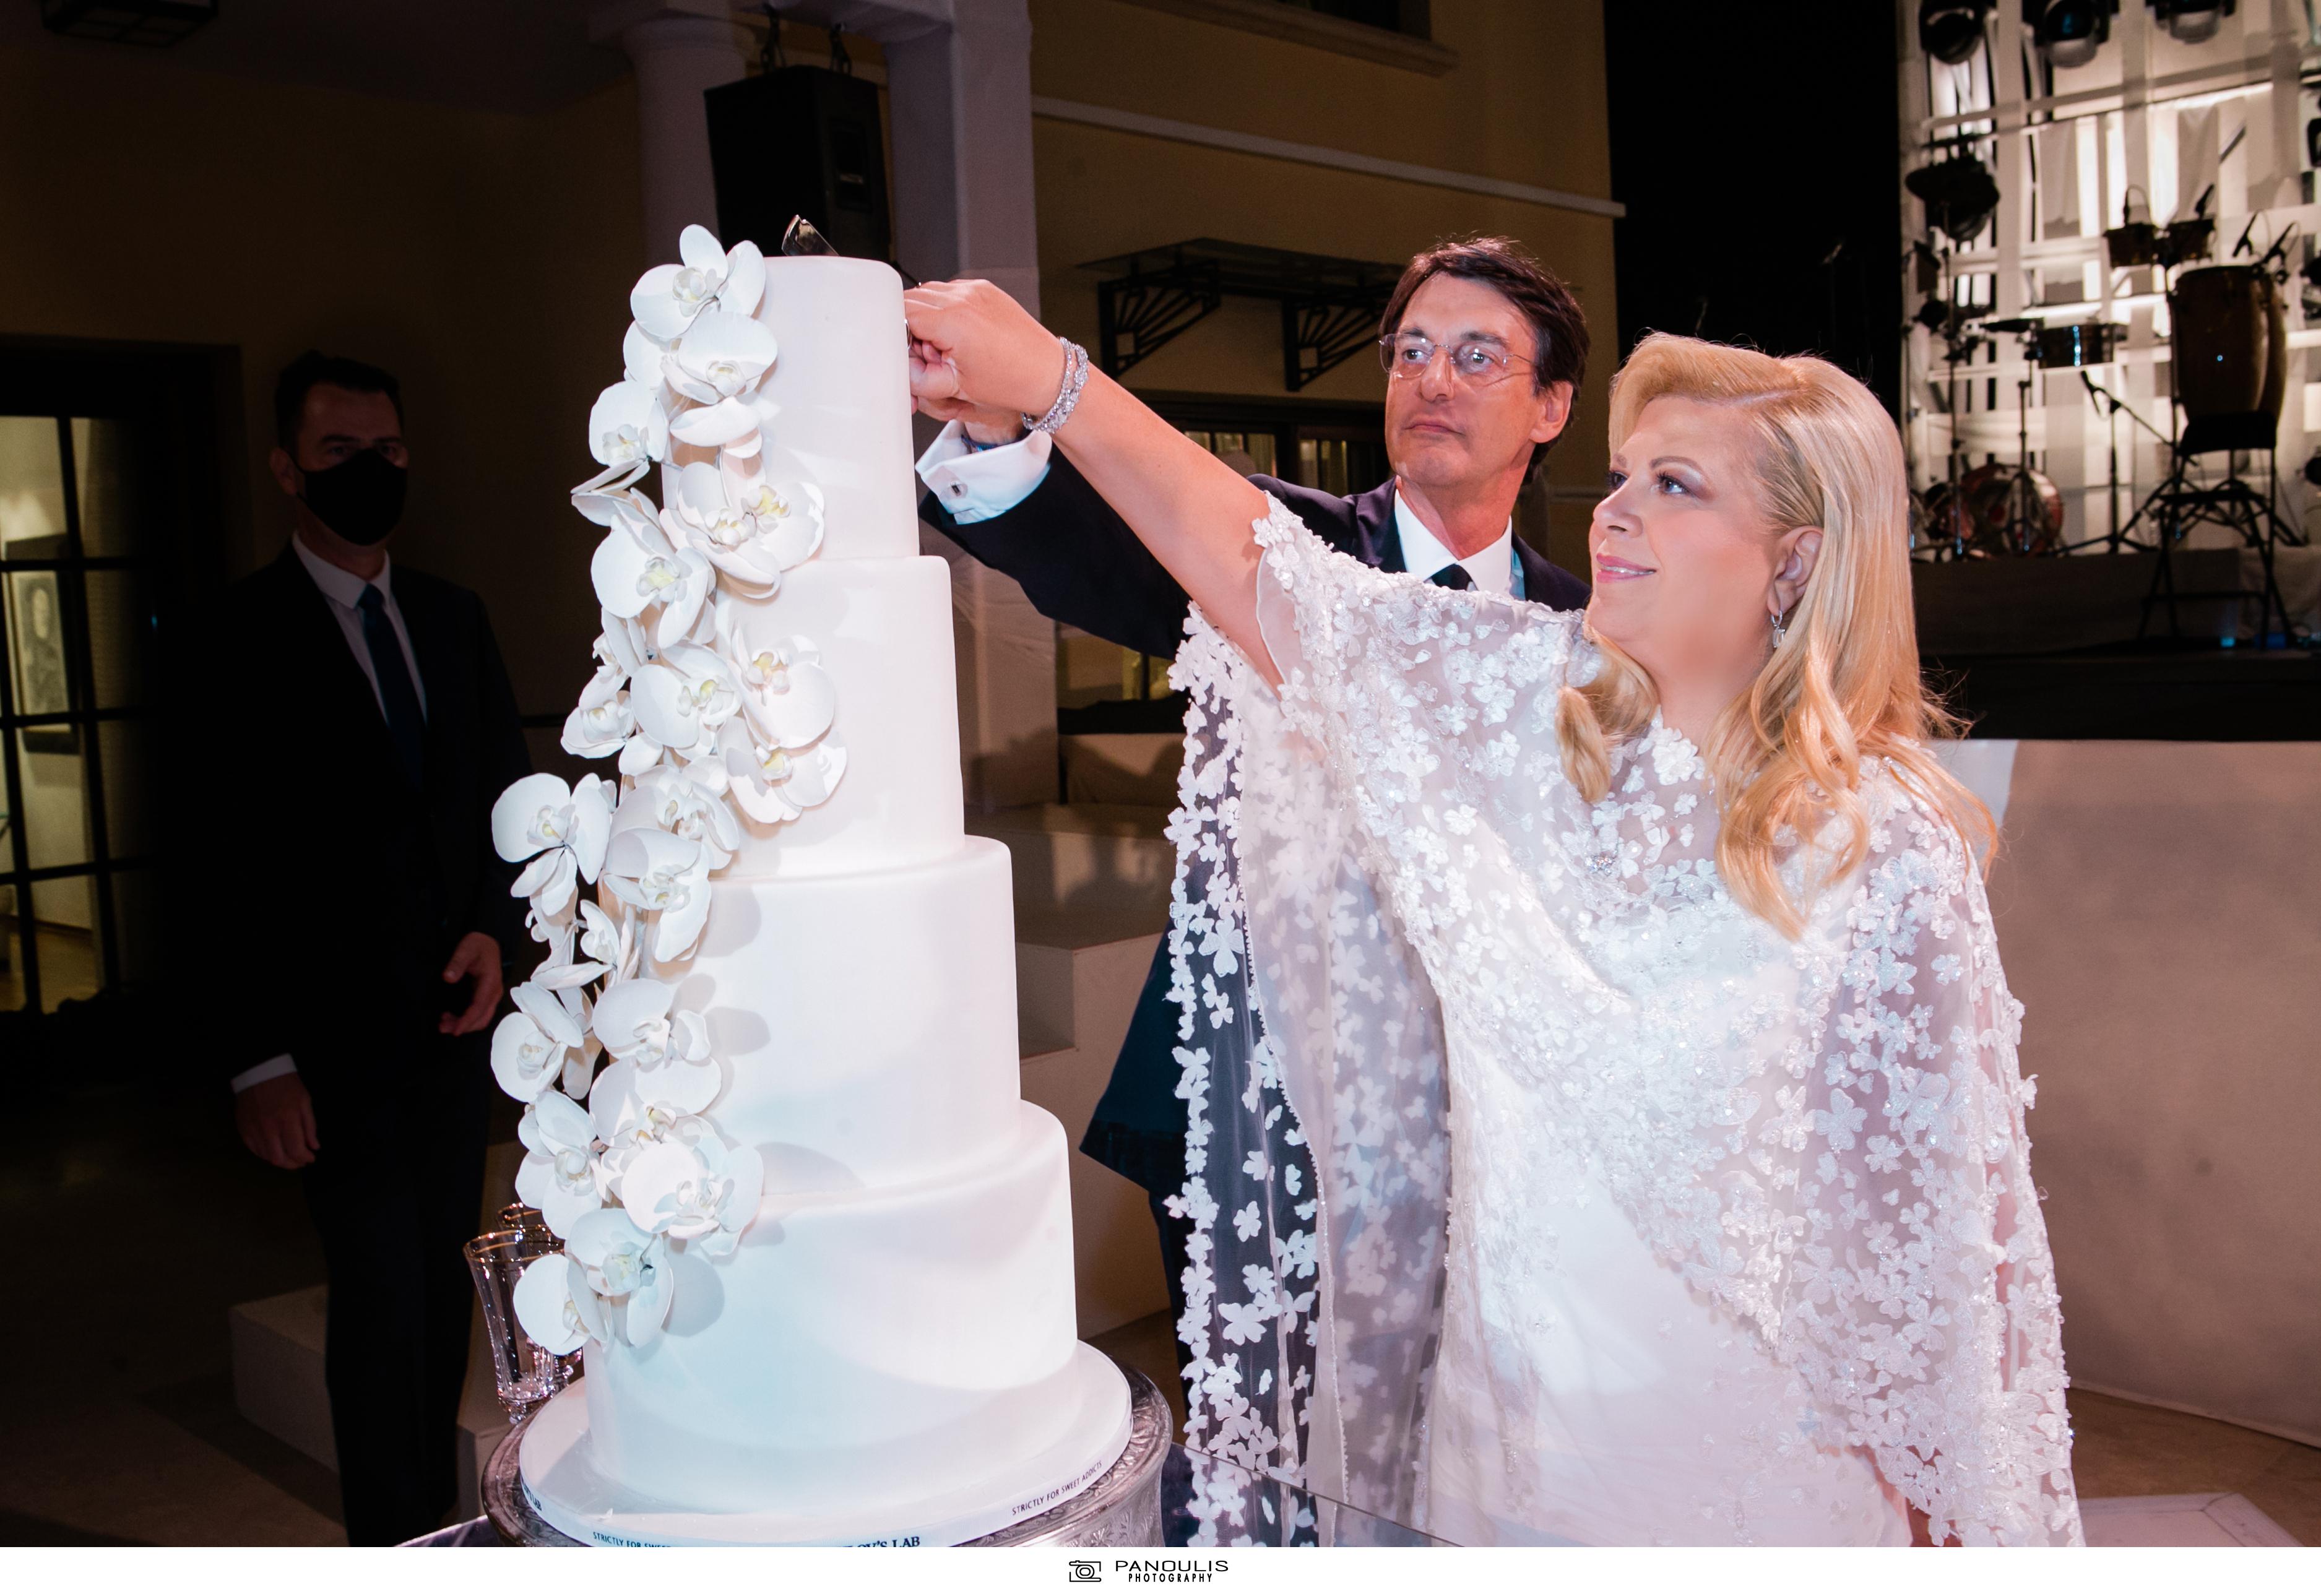 Κλέλια Χατζηιωάννου & Κωνσταντίνος Σκορίλας: Ένας υπέροχος γάμος με λαμπερούς καλεσμένους 3